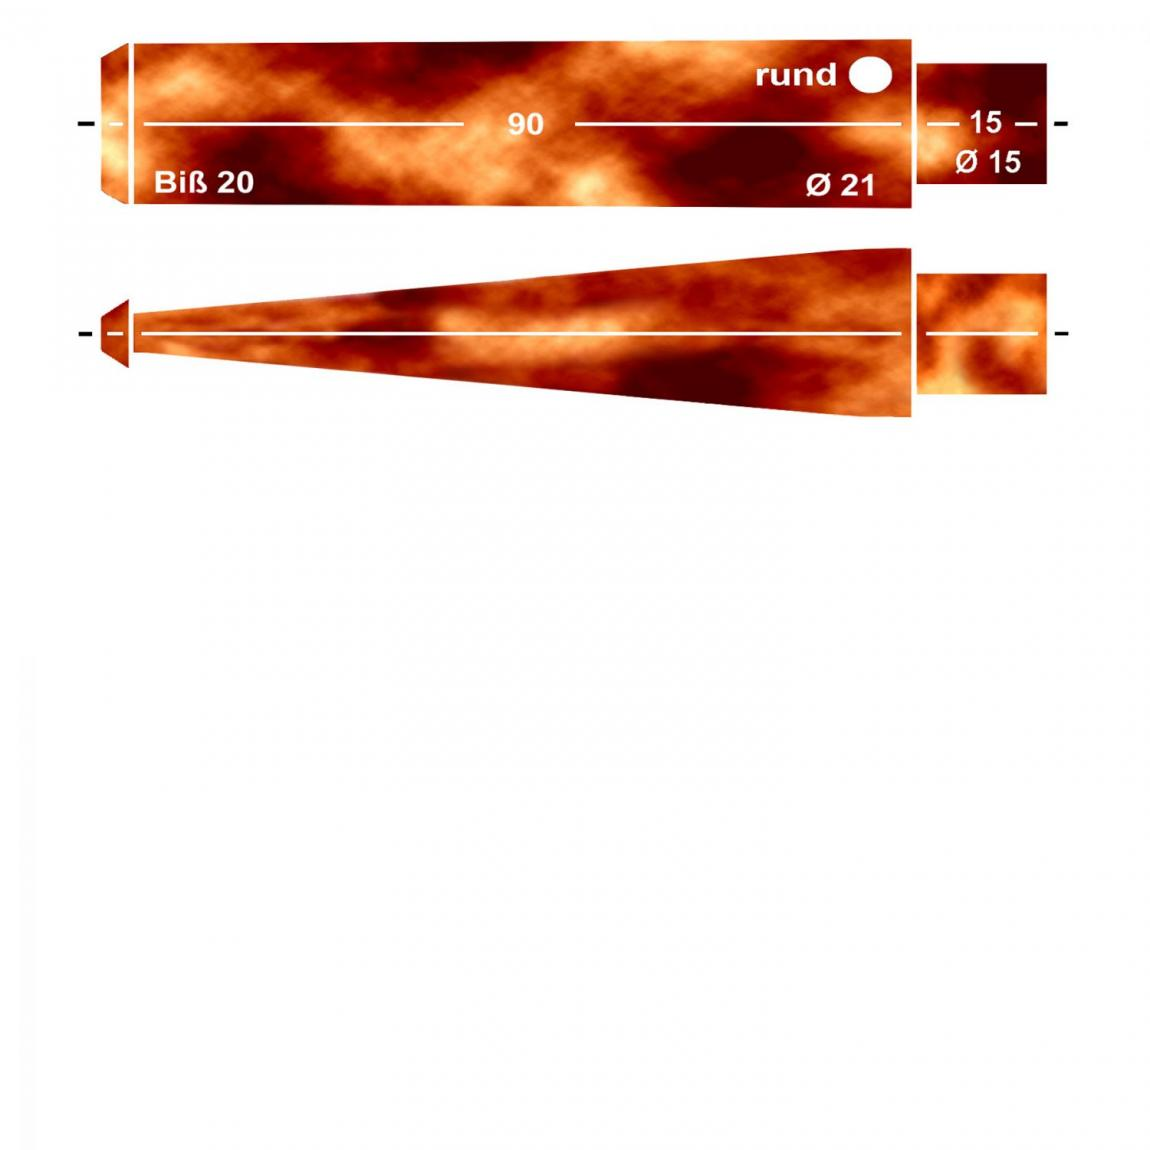 Mundstück aus Acryl Nr. B4 Fishtail rund, Cognac bernsteinfarben, vorgedreht ohne Filter